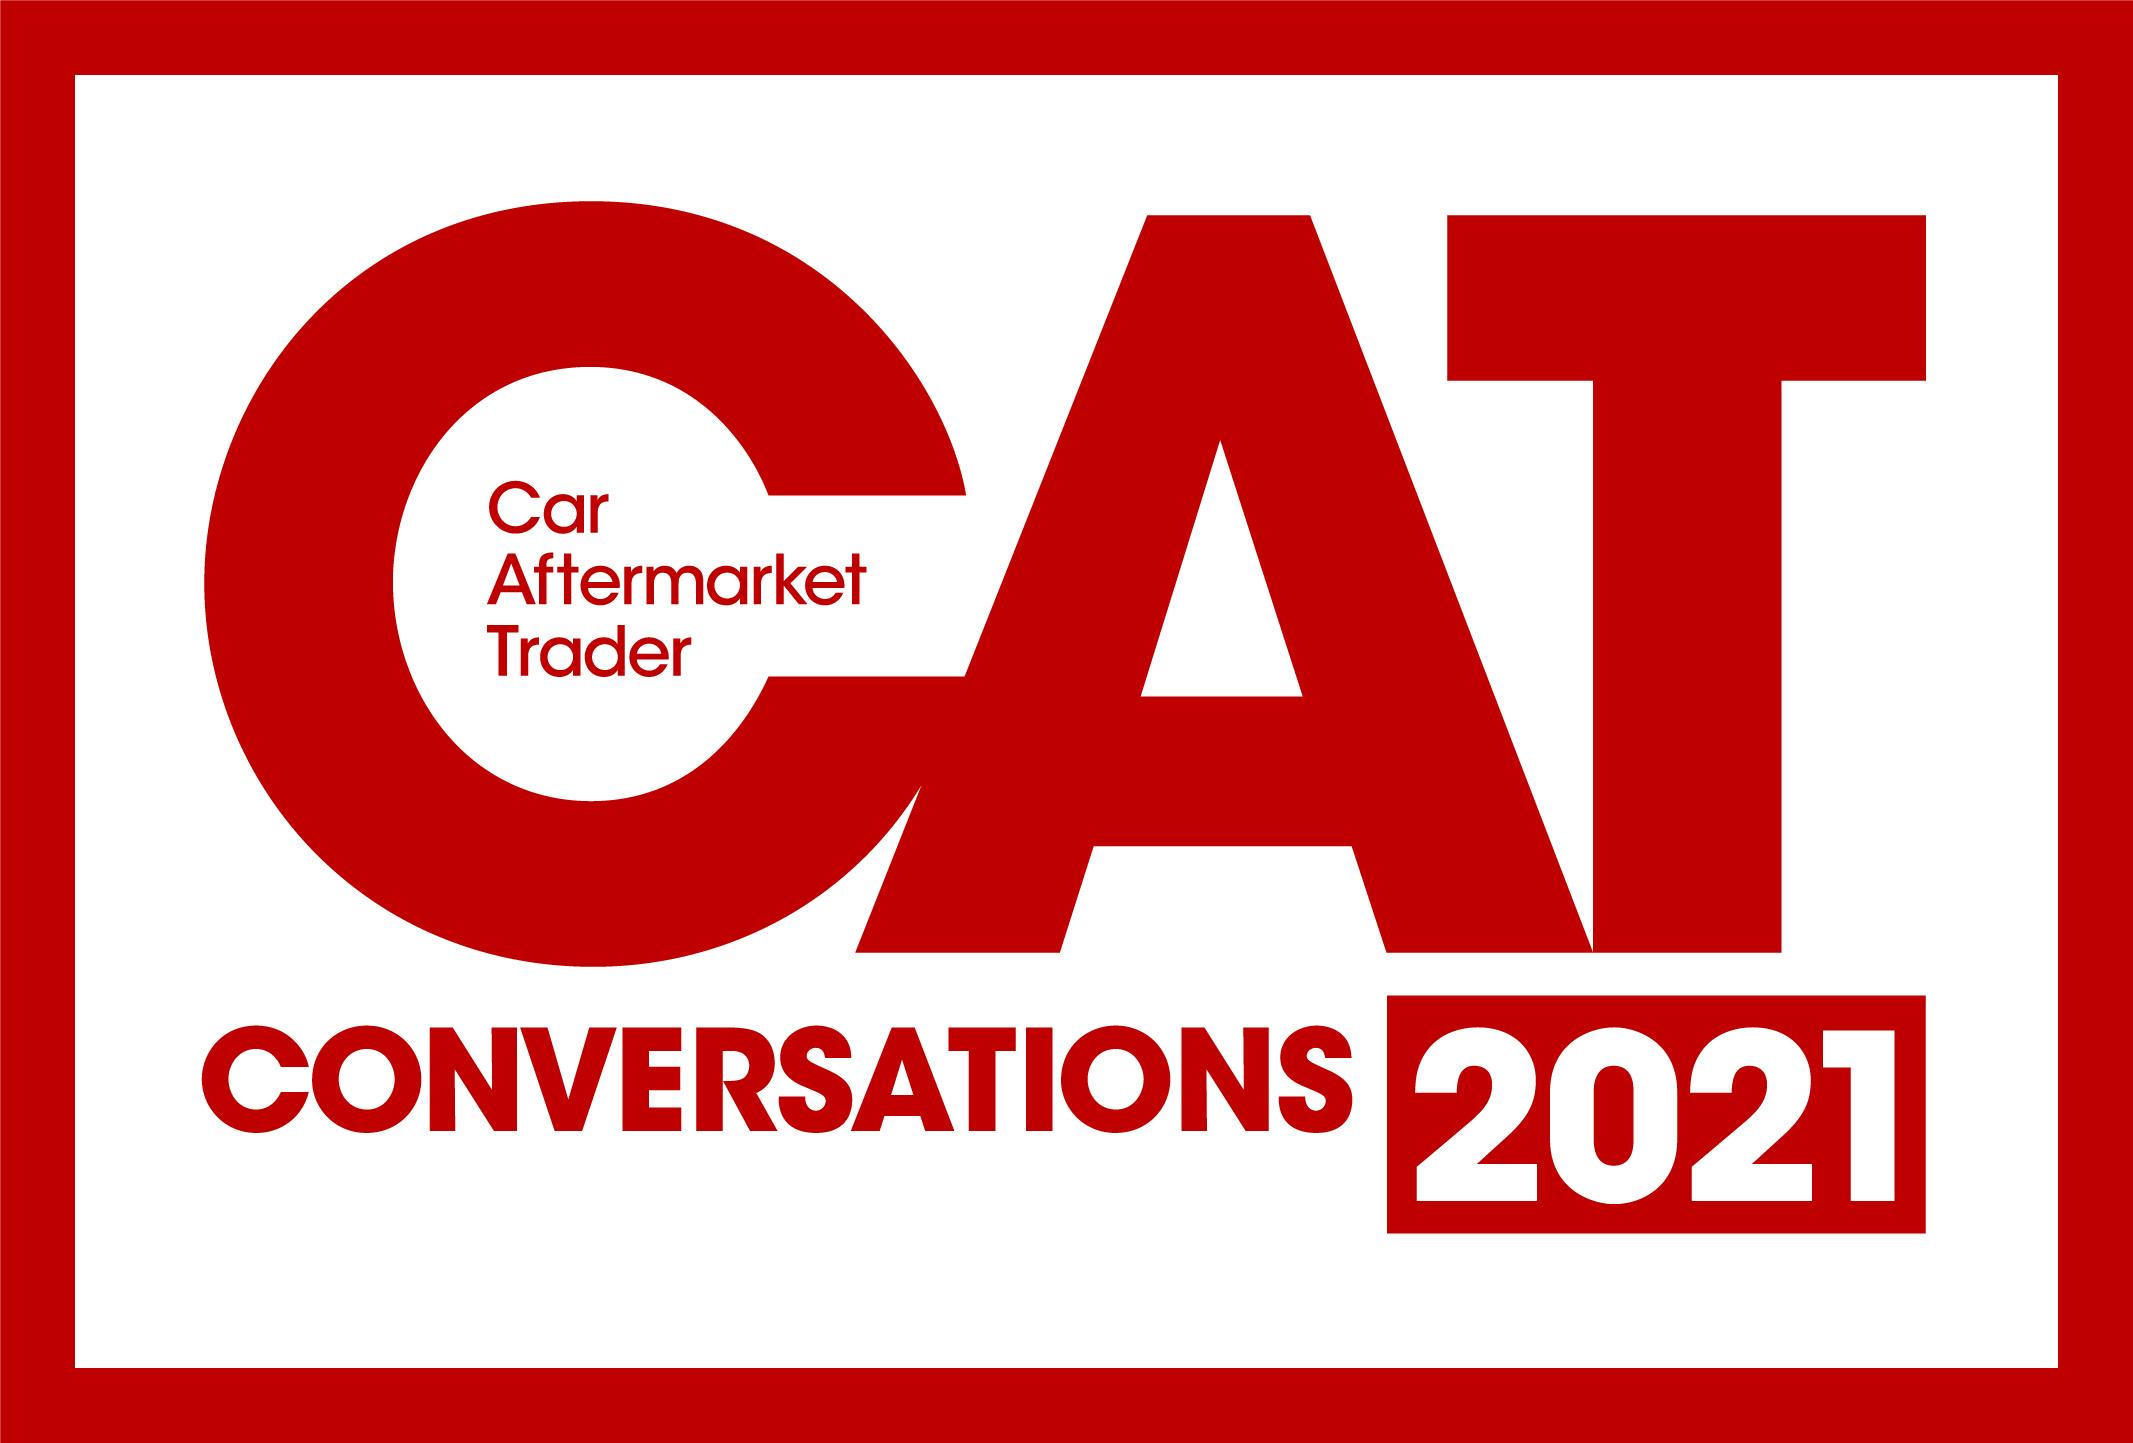 CAT Conversations